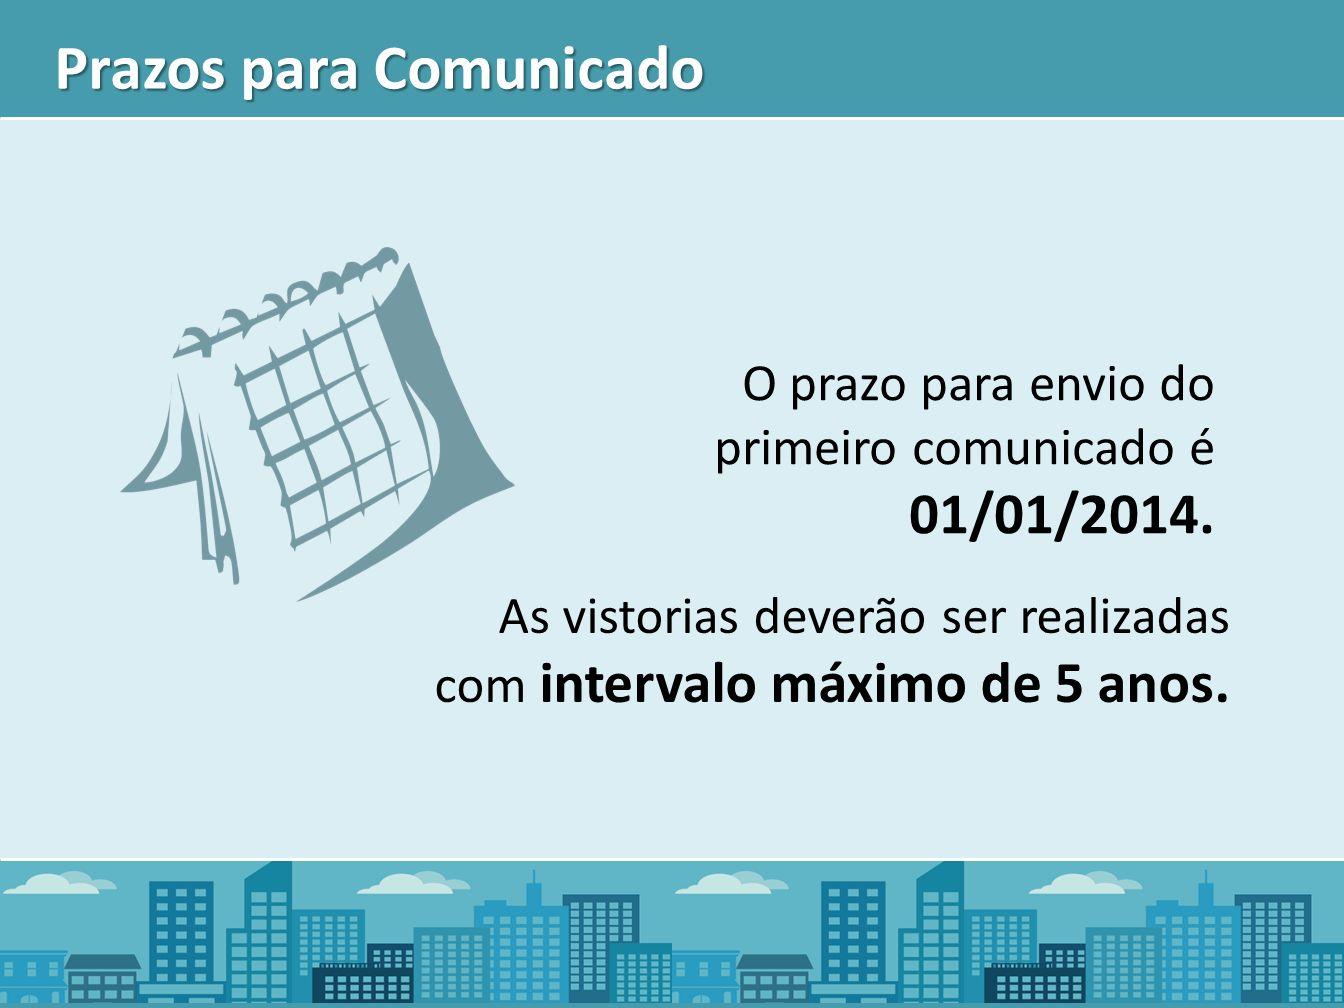 Prazos para Comunicado O prazo para envio do primeiro comunicado é 01/01/2014. As vistorias deverão ser realizadas com intervalo máximo de 5 anos.